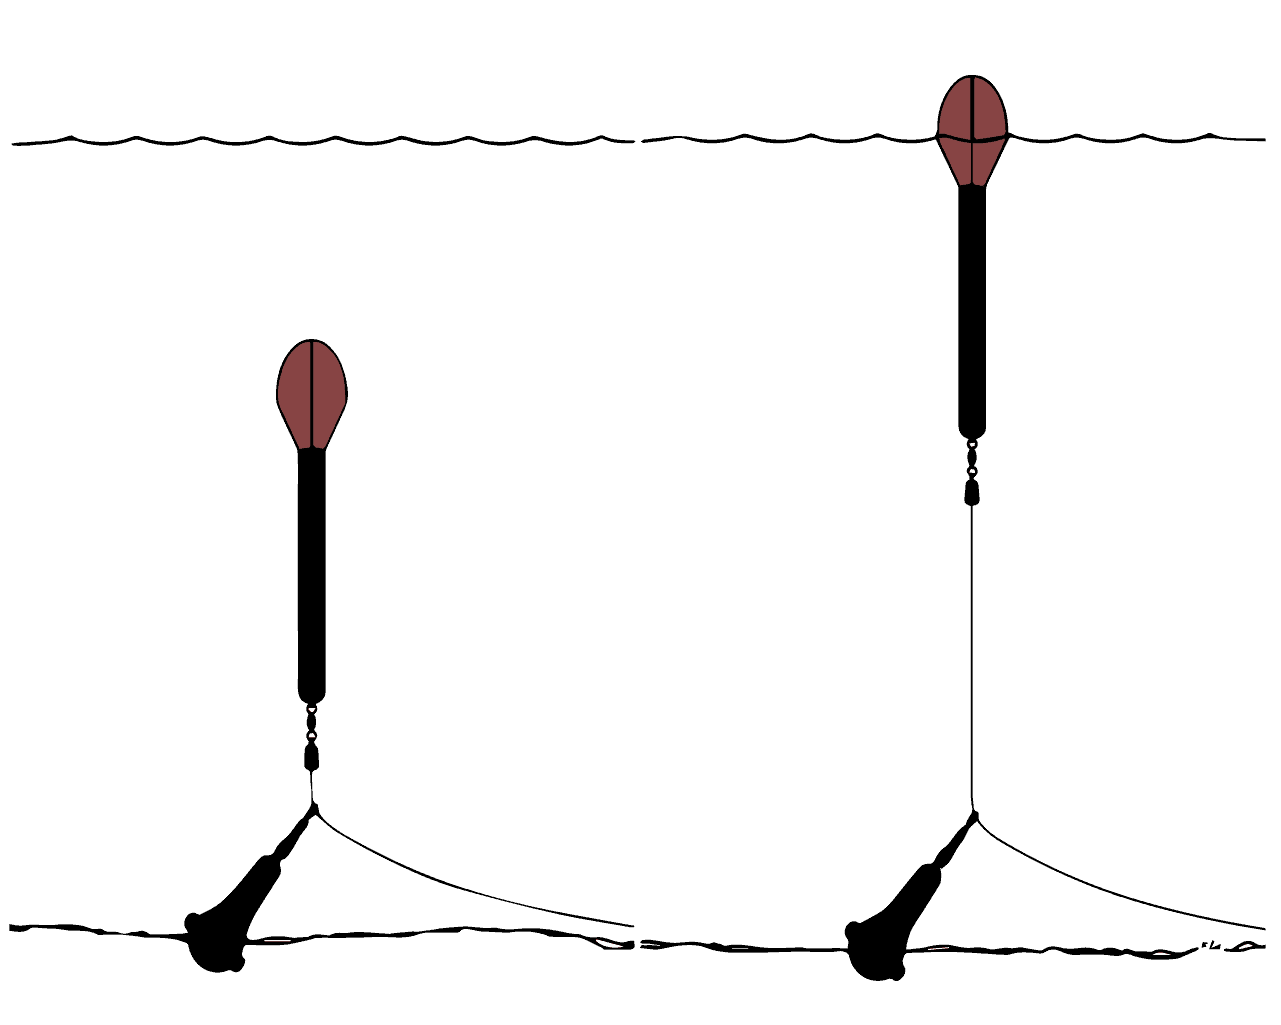 Karpfenangeln mit einer Lotpose